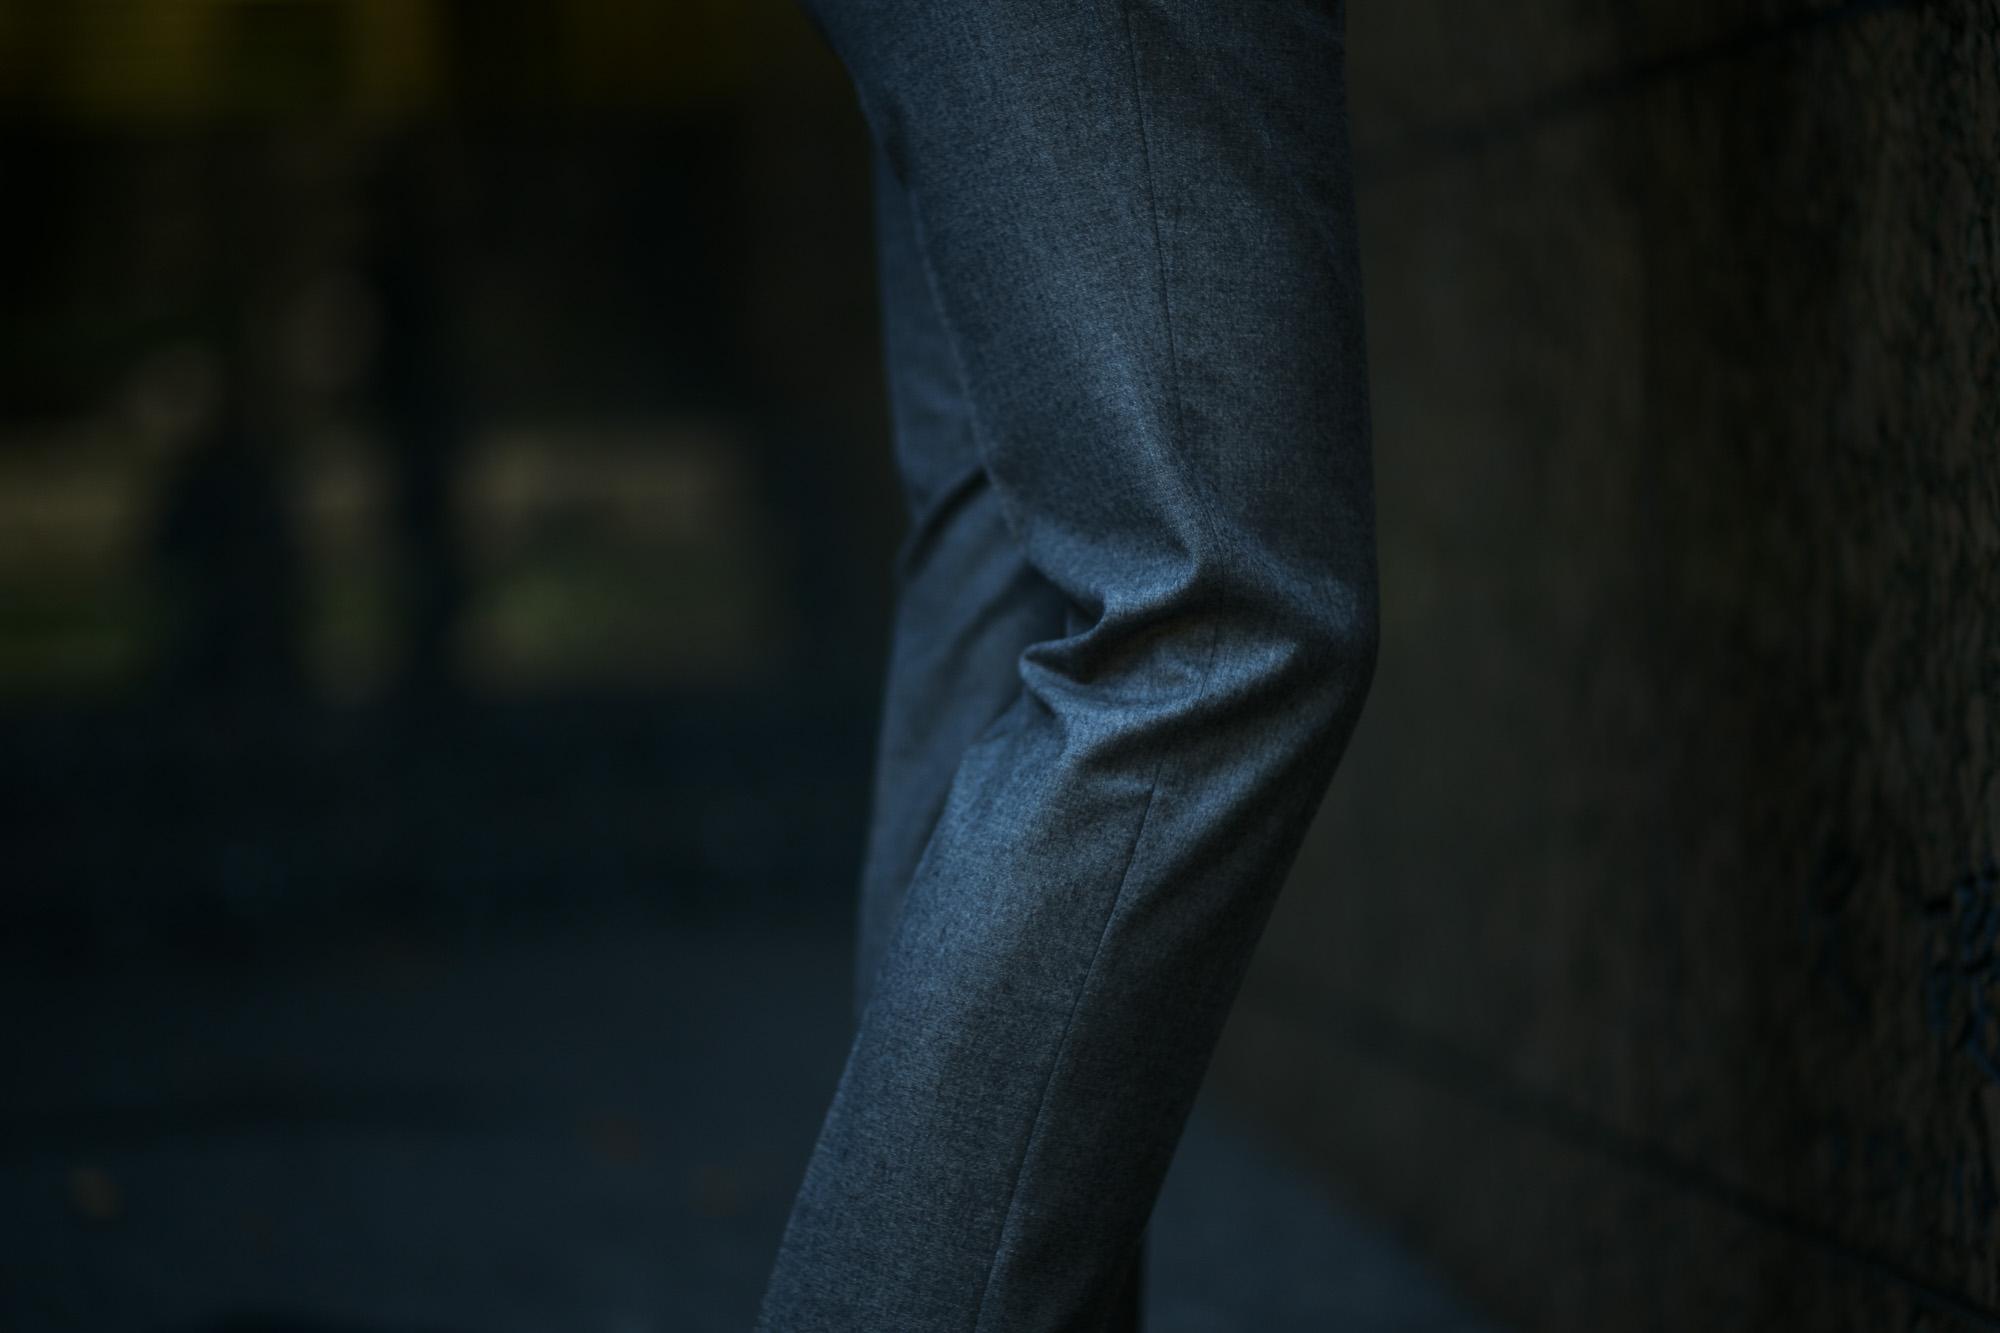 INCOTEX (インコテックス) N35 SLIM FIT (1NT035) S120'S HIGH COMFORT FLANNEL ストレッチ フランネル ウール スラックス GRAY (グレー・905) 2018 秋冬新作 incotex 愛知 名古屋 altoediritto アルトエデリット グレスラ スラックス